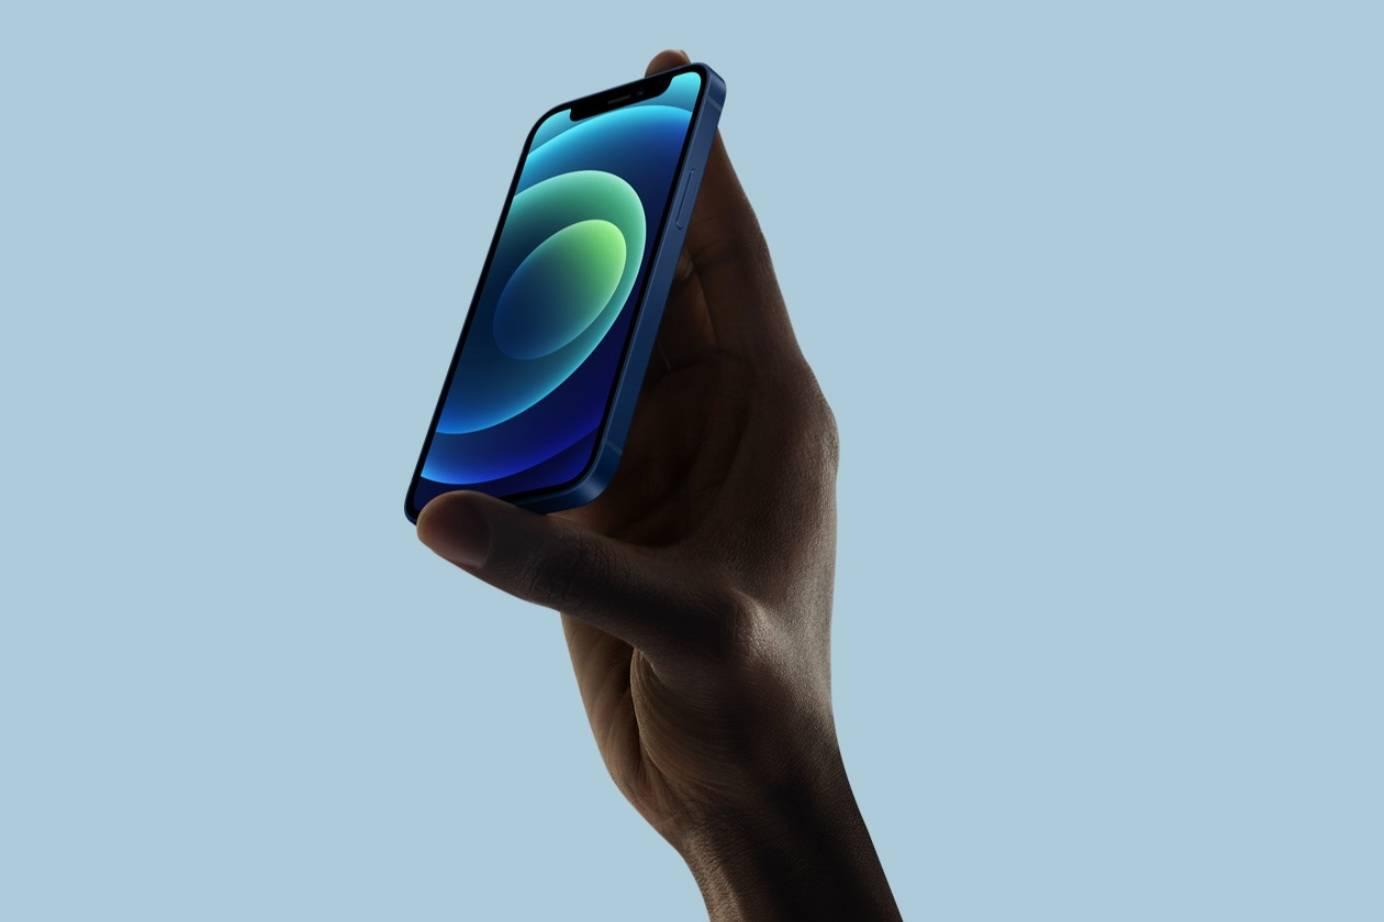 方面 苹果客服回应iPhone 12 Mini停产:尚未收到通知